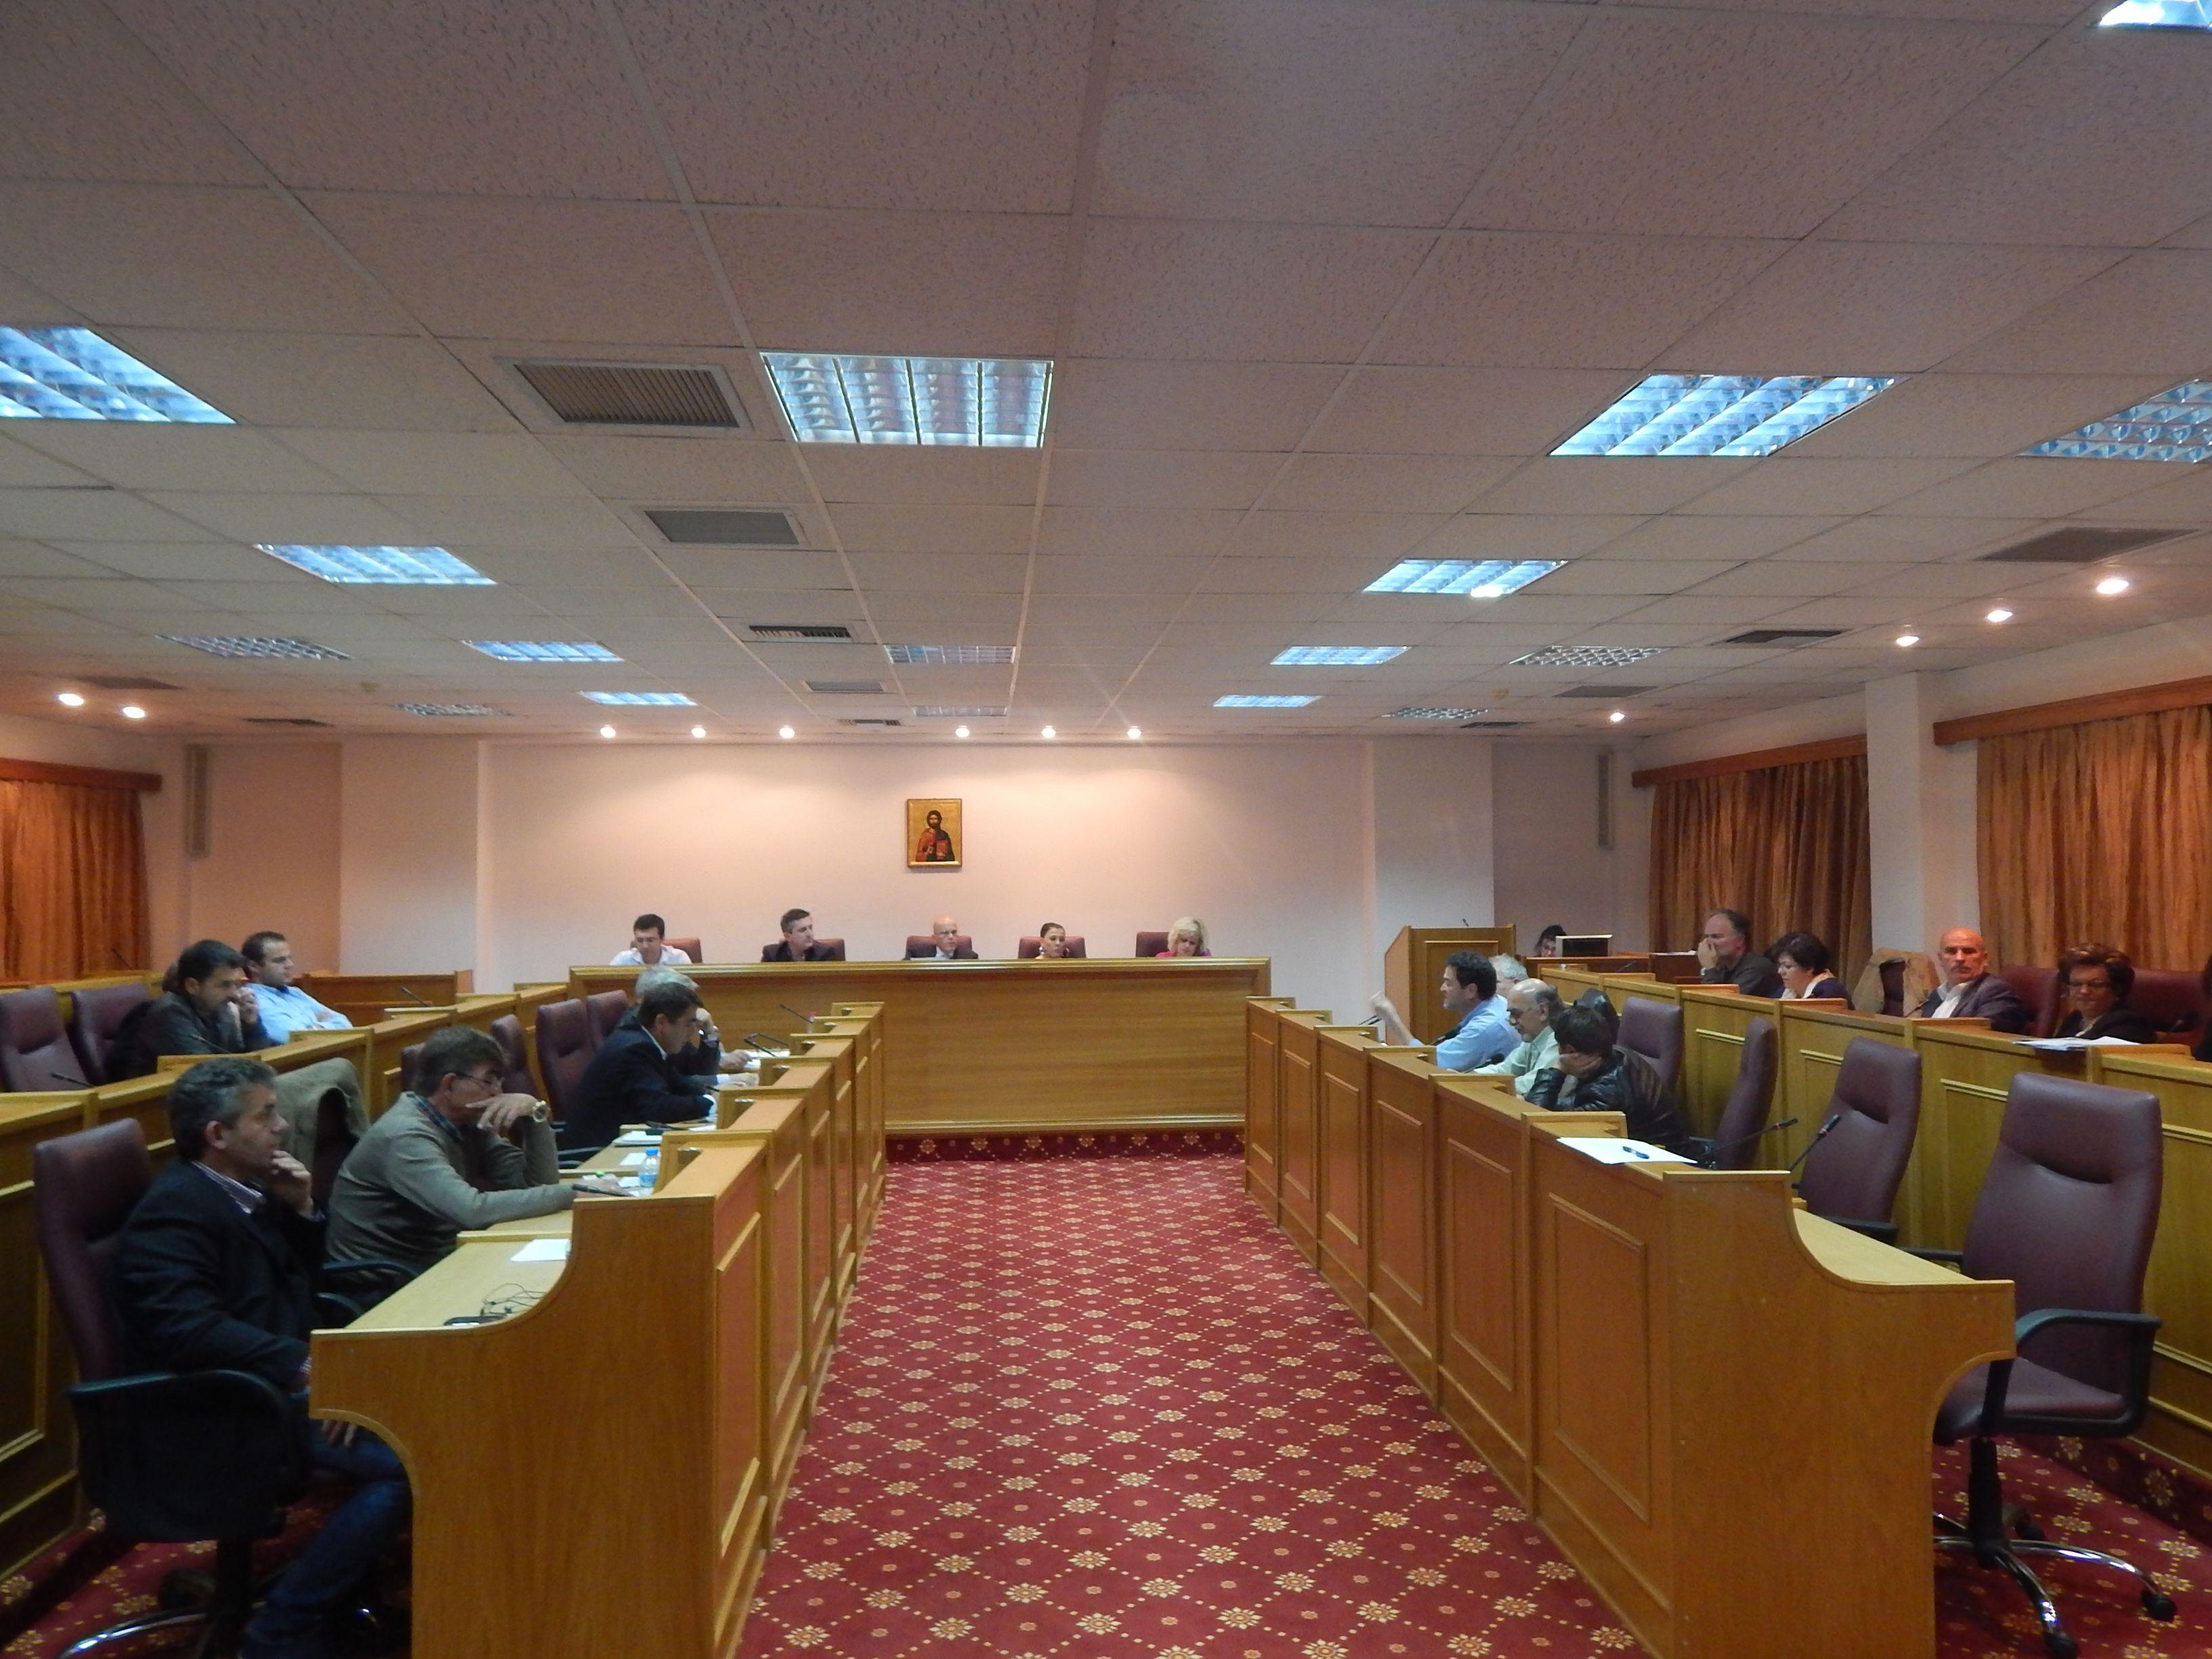 Άρτα: Συνεδρίαση Δημοτικού Συμβουλίου Αρταίων τη Δευτέρα 14 Νοεμβρίου στις 19:00